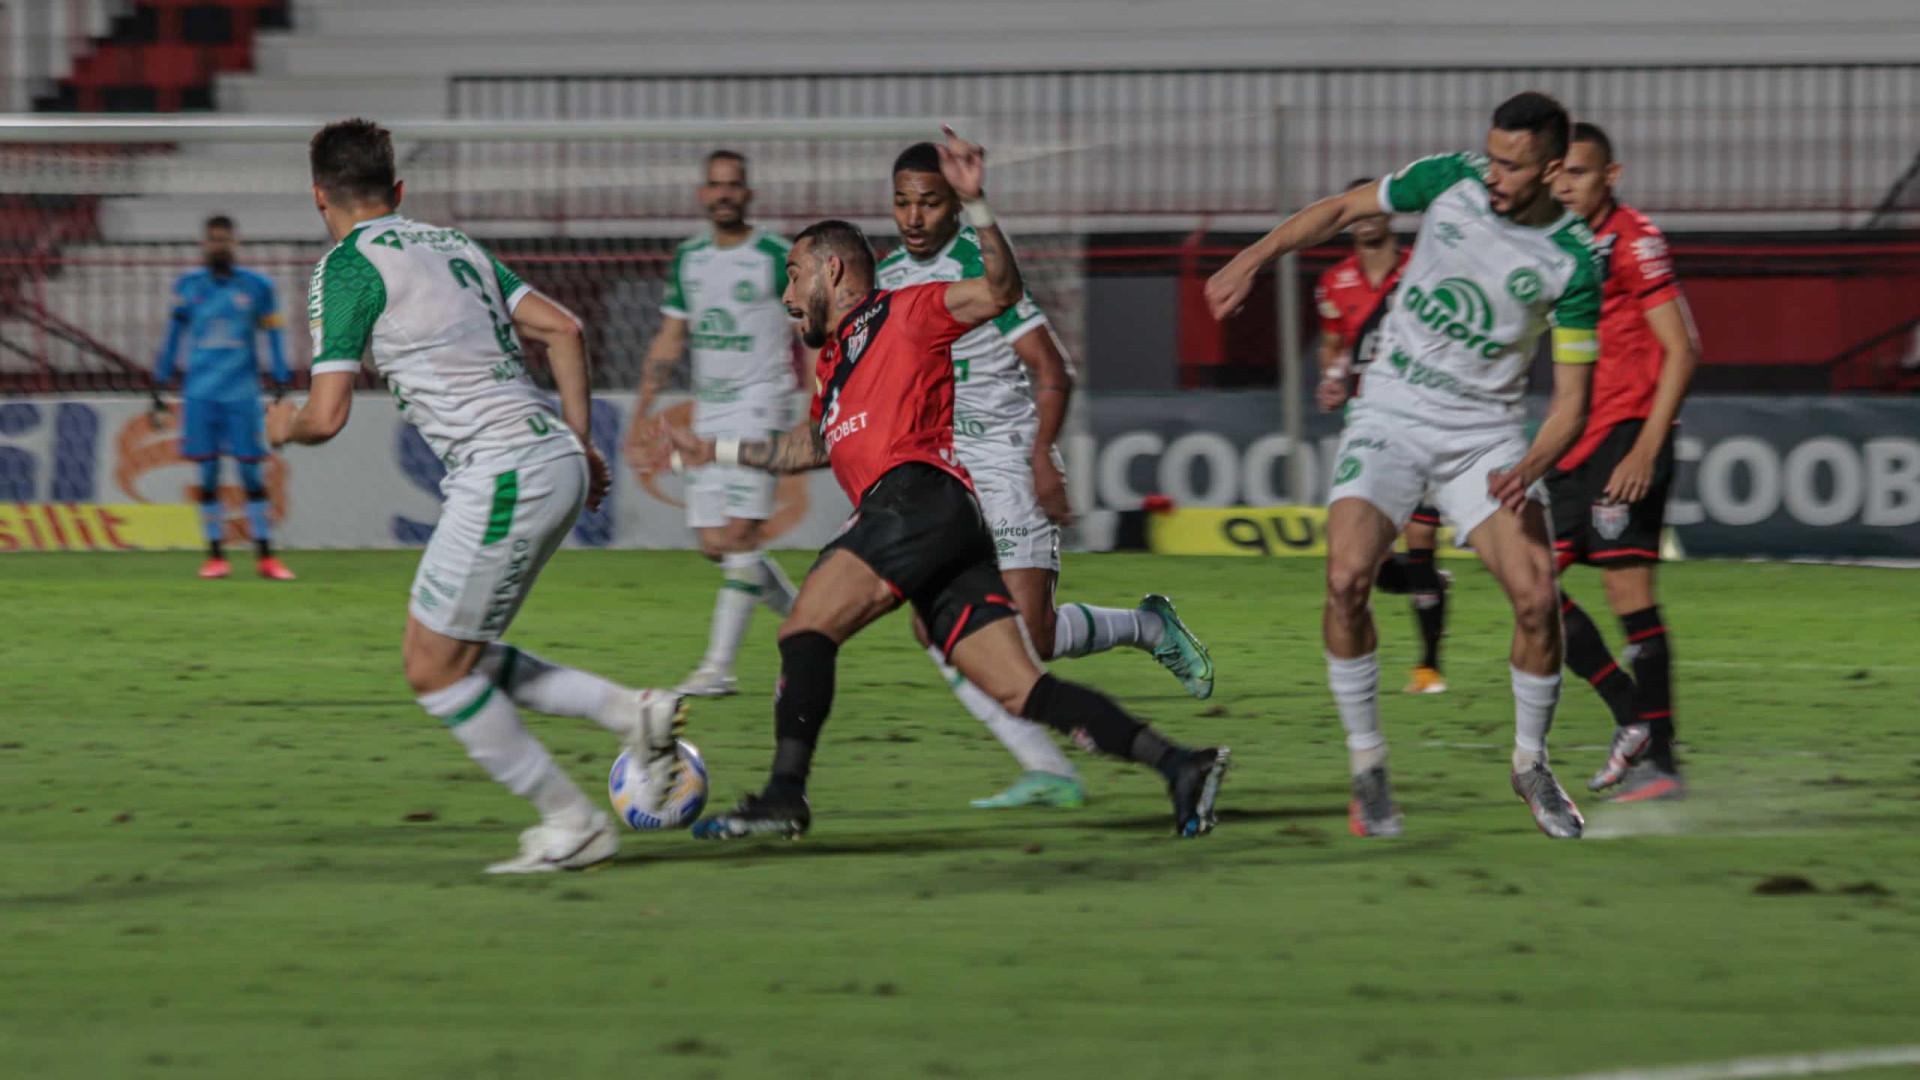 Chapecoense cede empate ao Atlético-GO e bate recorde de rodadas sem vitória